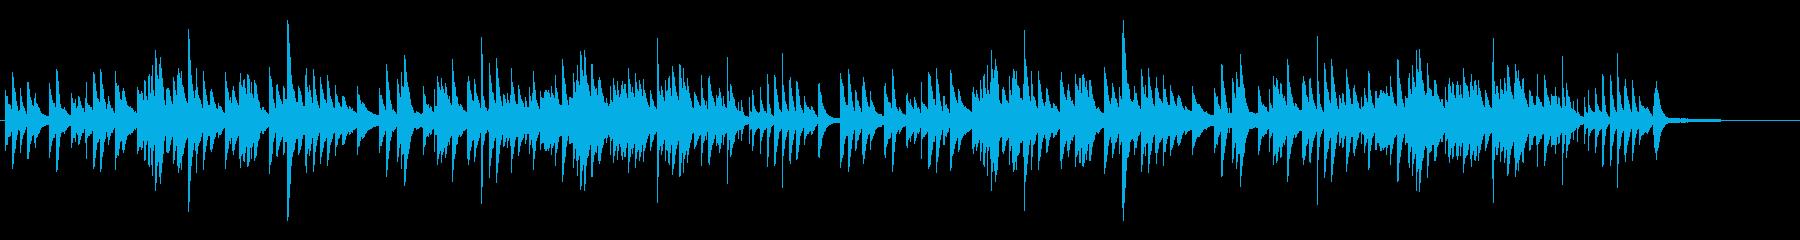 優しい せつないピアノソロ 3拍子の再生済みの波形